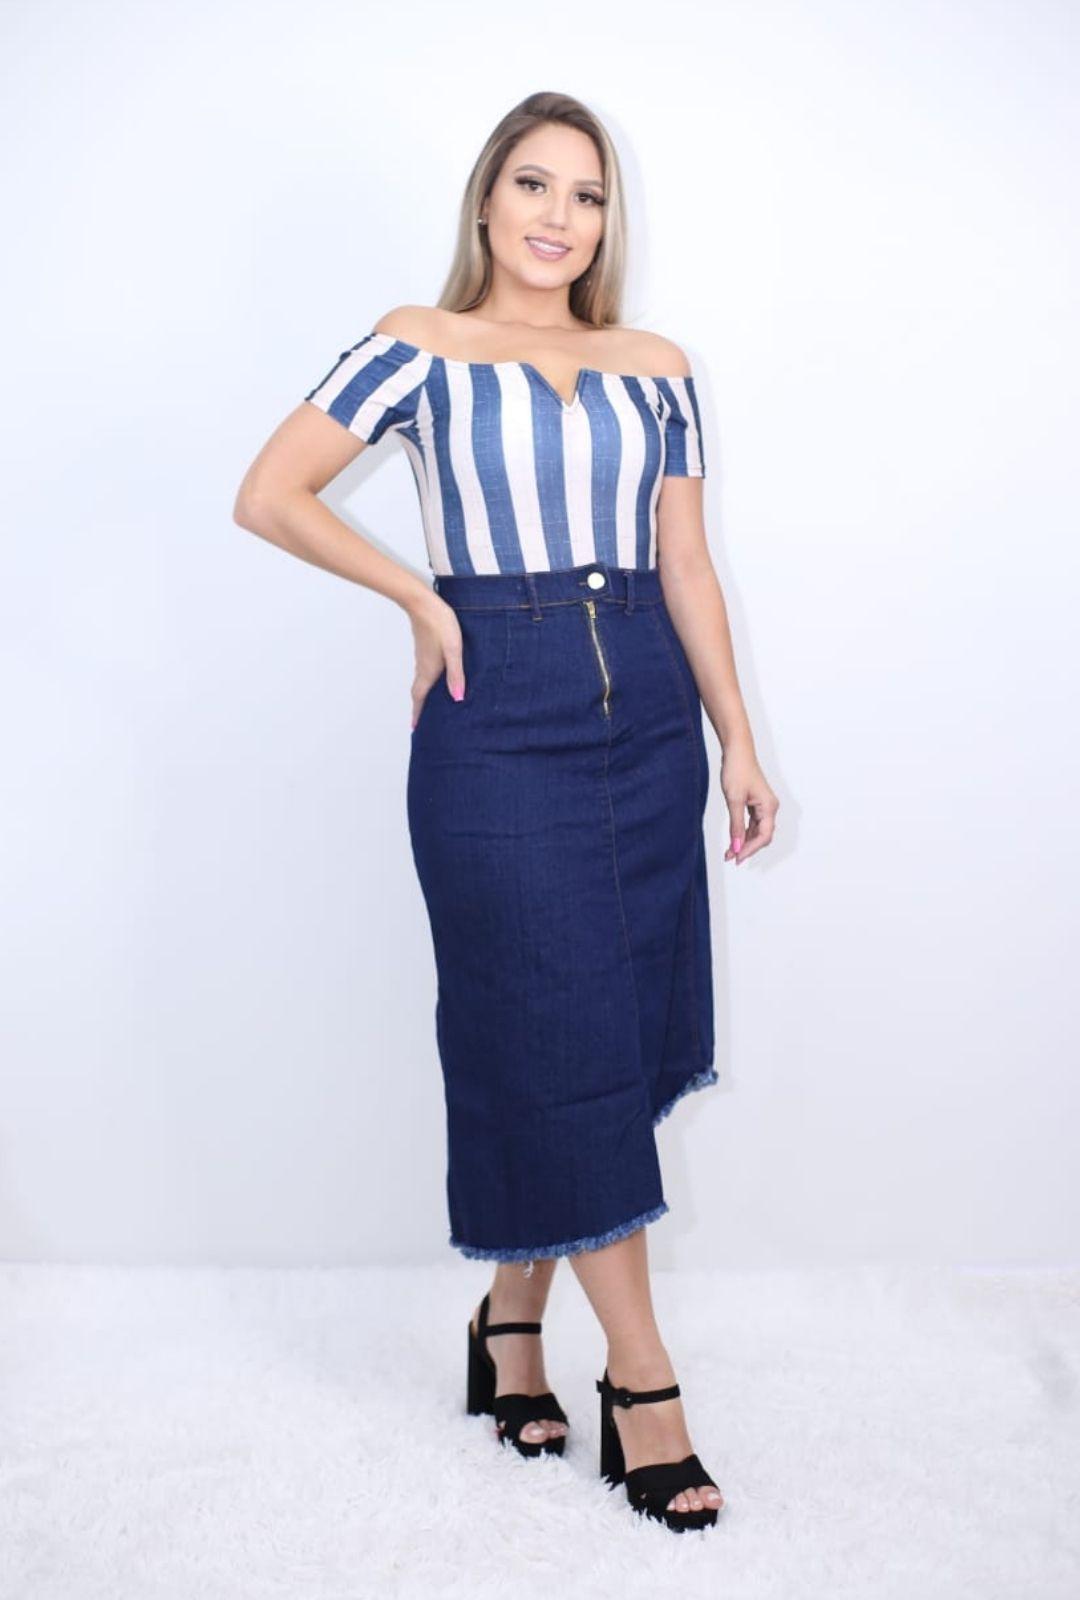 Body Bori Feminino com Bojo Listrado  - ModaStore   Moda Feminina